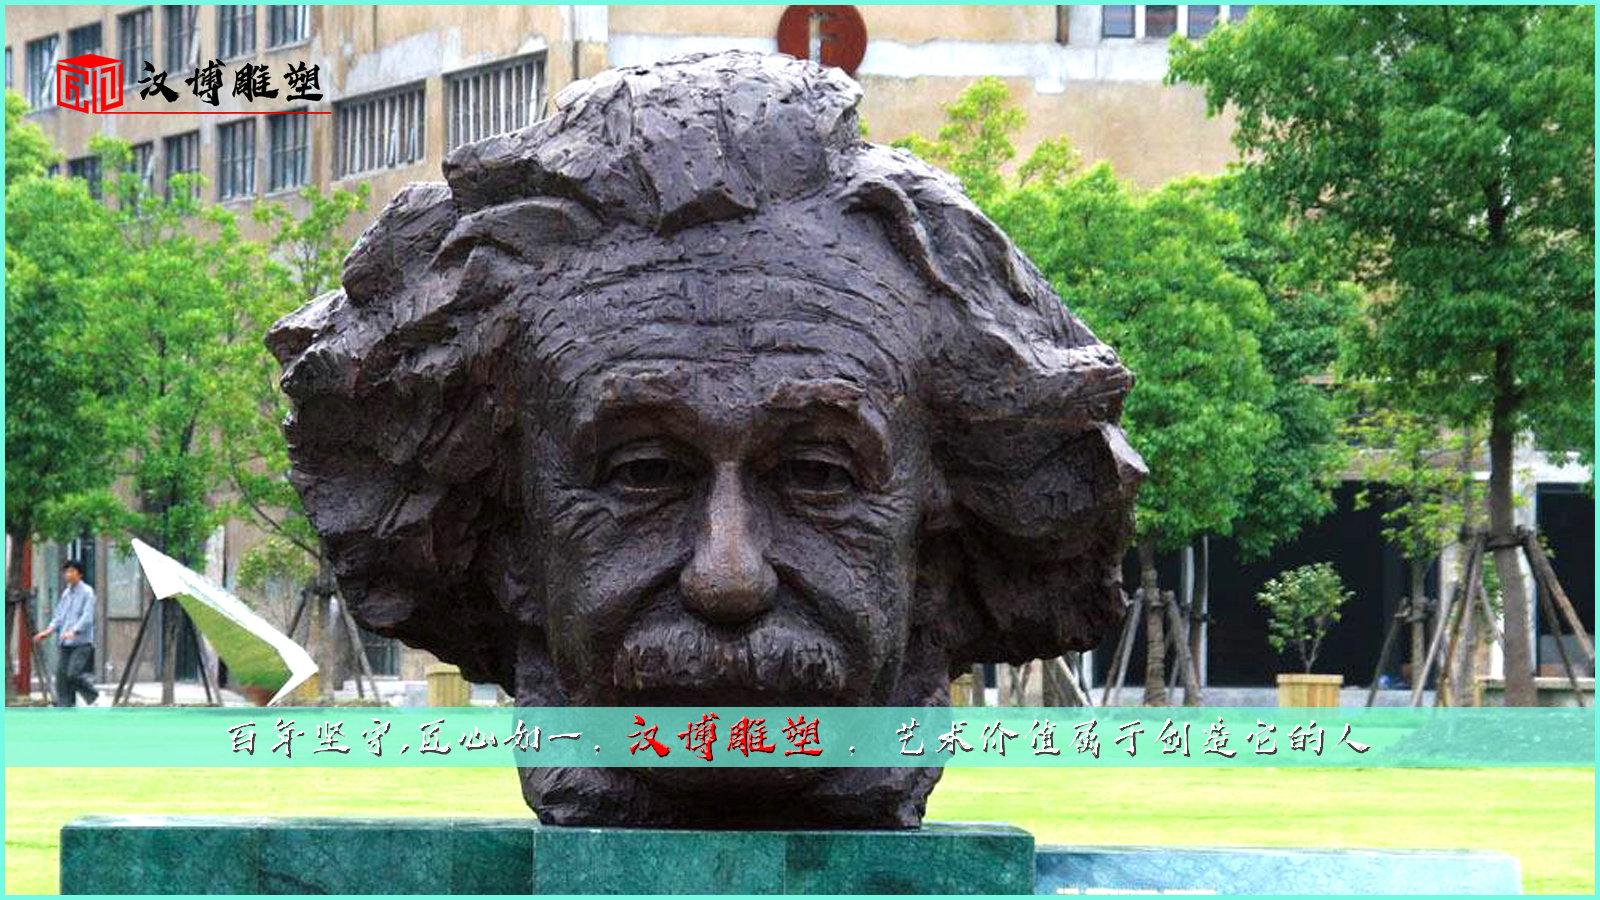 爱因斯坦人物雕塑;让我们一起走进成功人士的世界